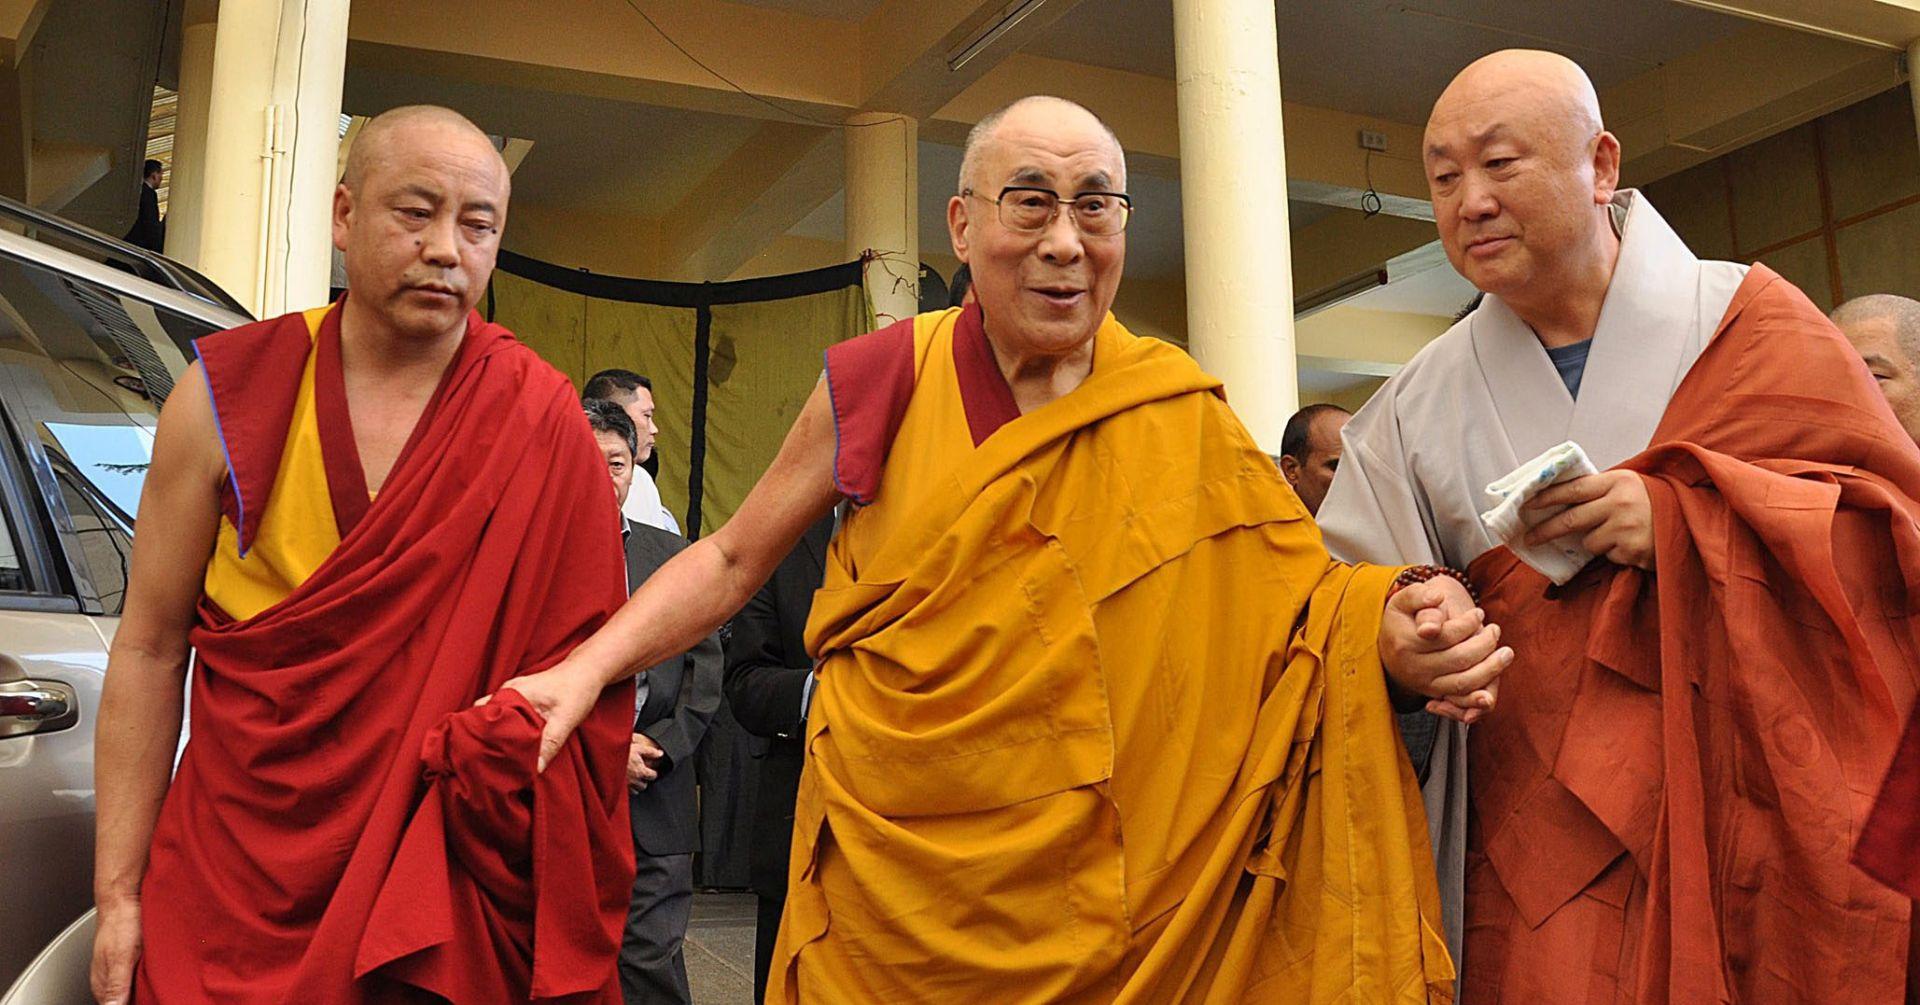 NA LIJEČNIČKI SAVJET Dalaj Lama otkazao posjet SAD-u zakazan za listopad